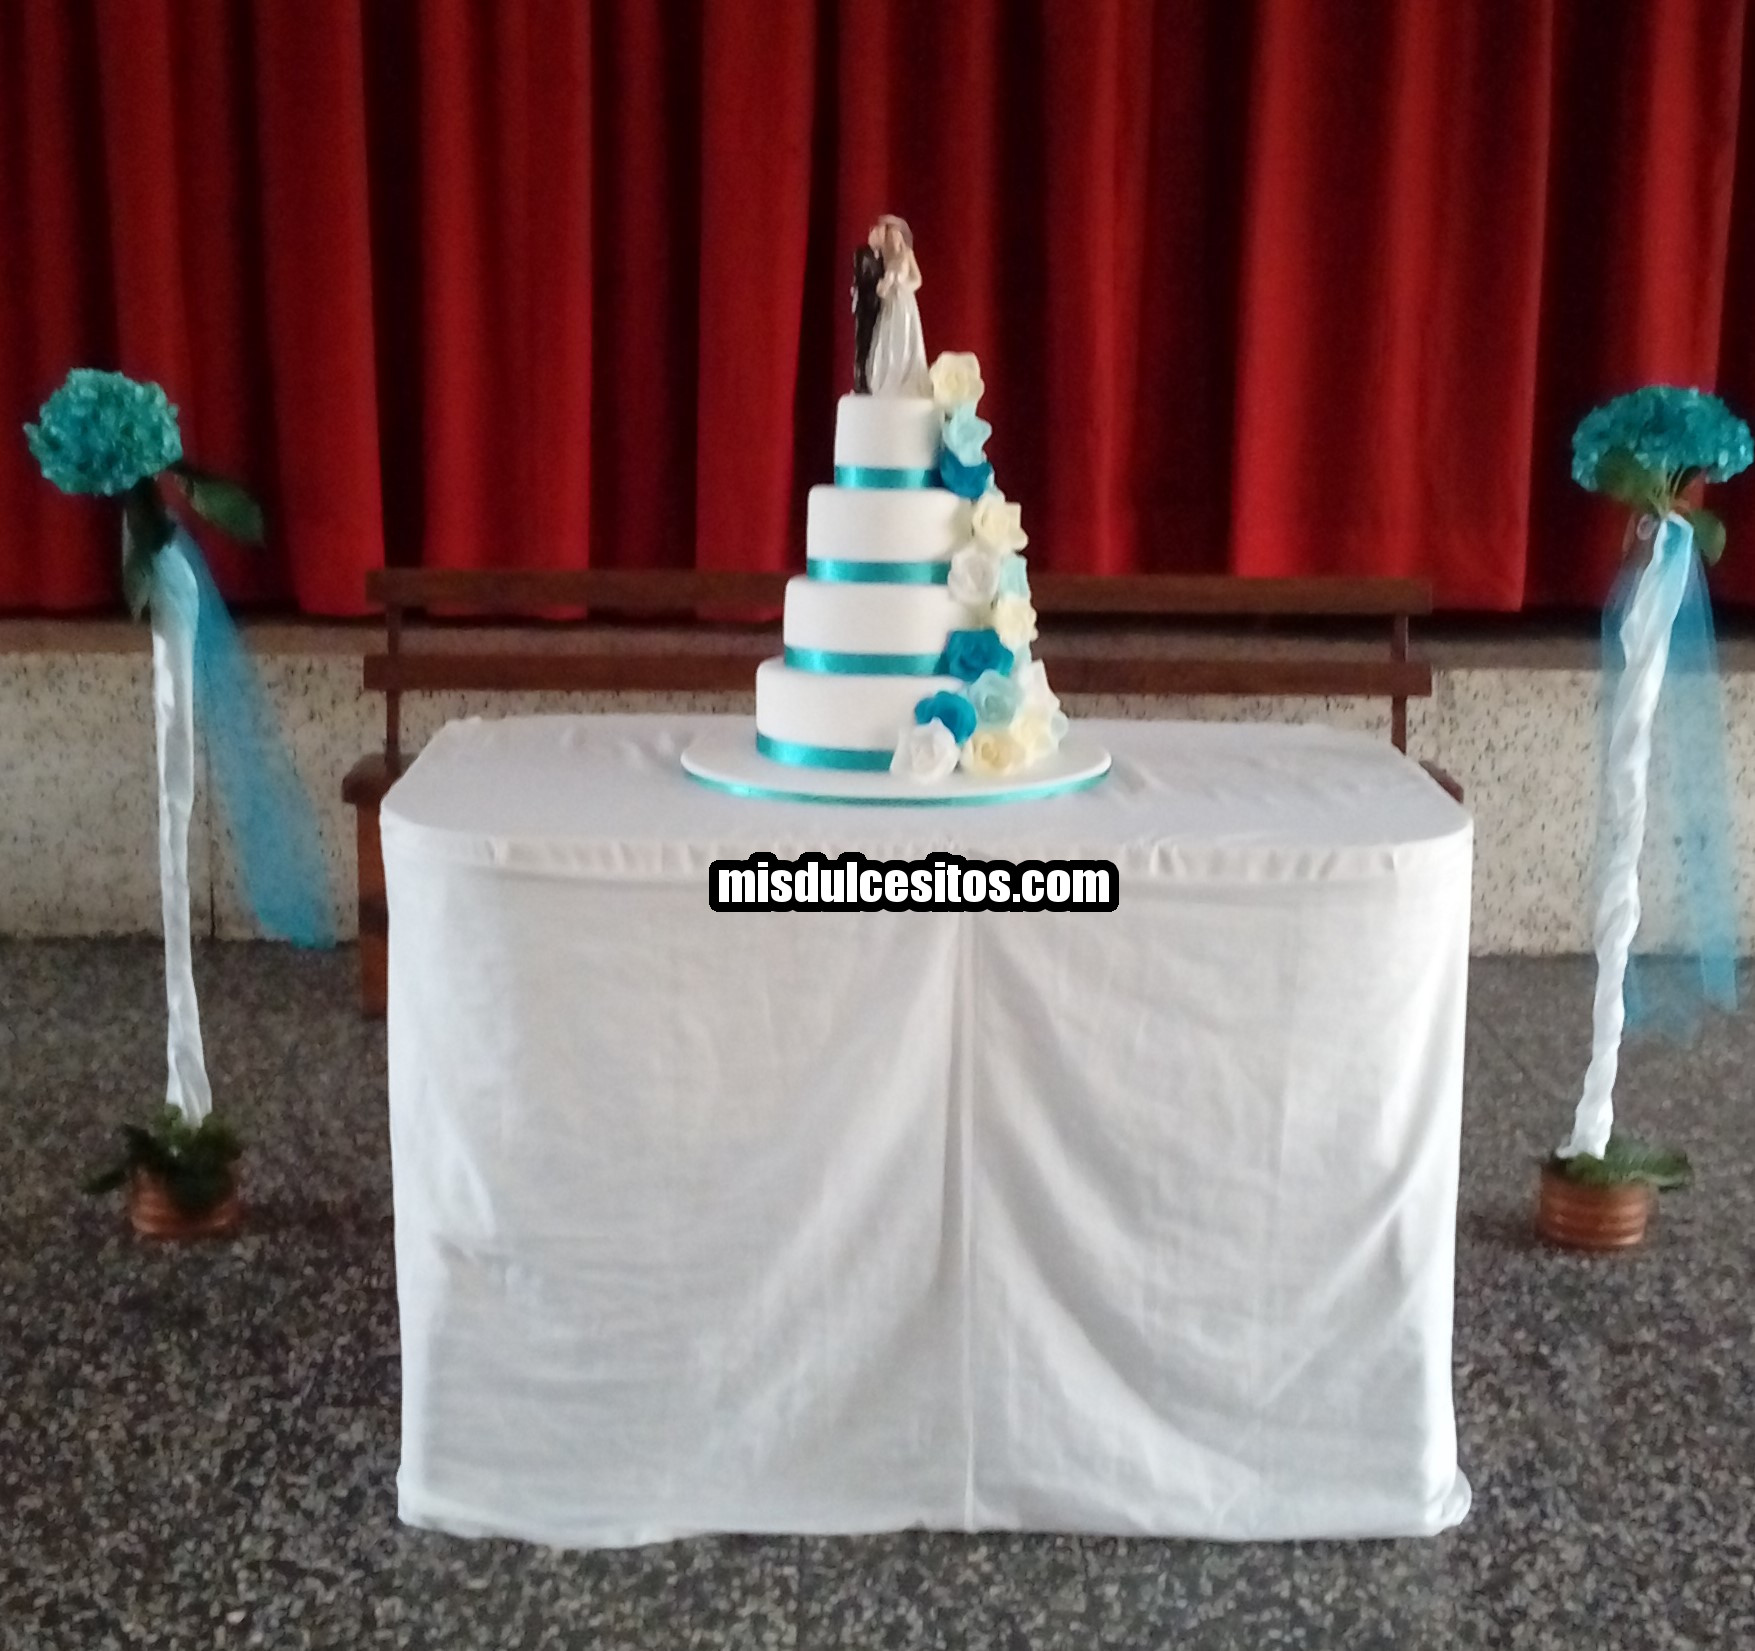 Torta de boda con rosas turquesas celestes y blancas. Venta de tortas de boda en Lima, Perú.